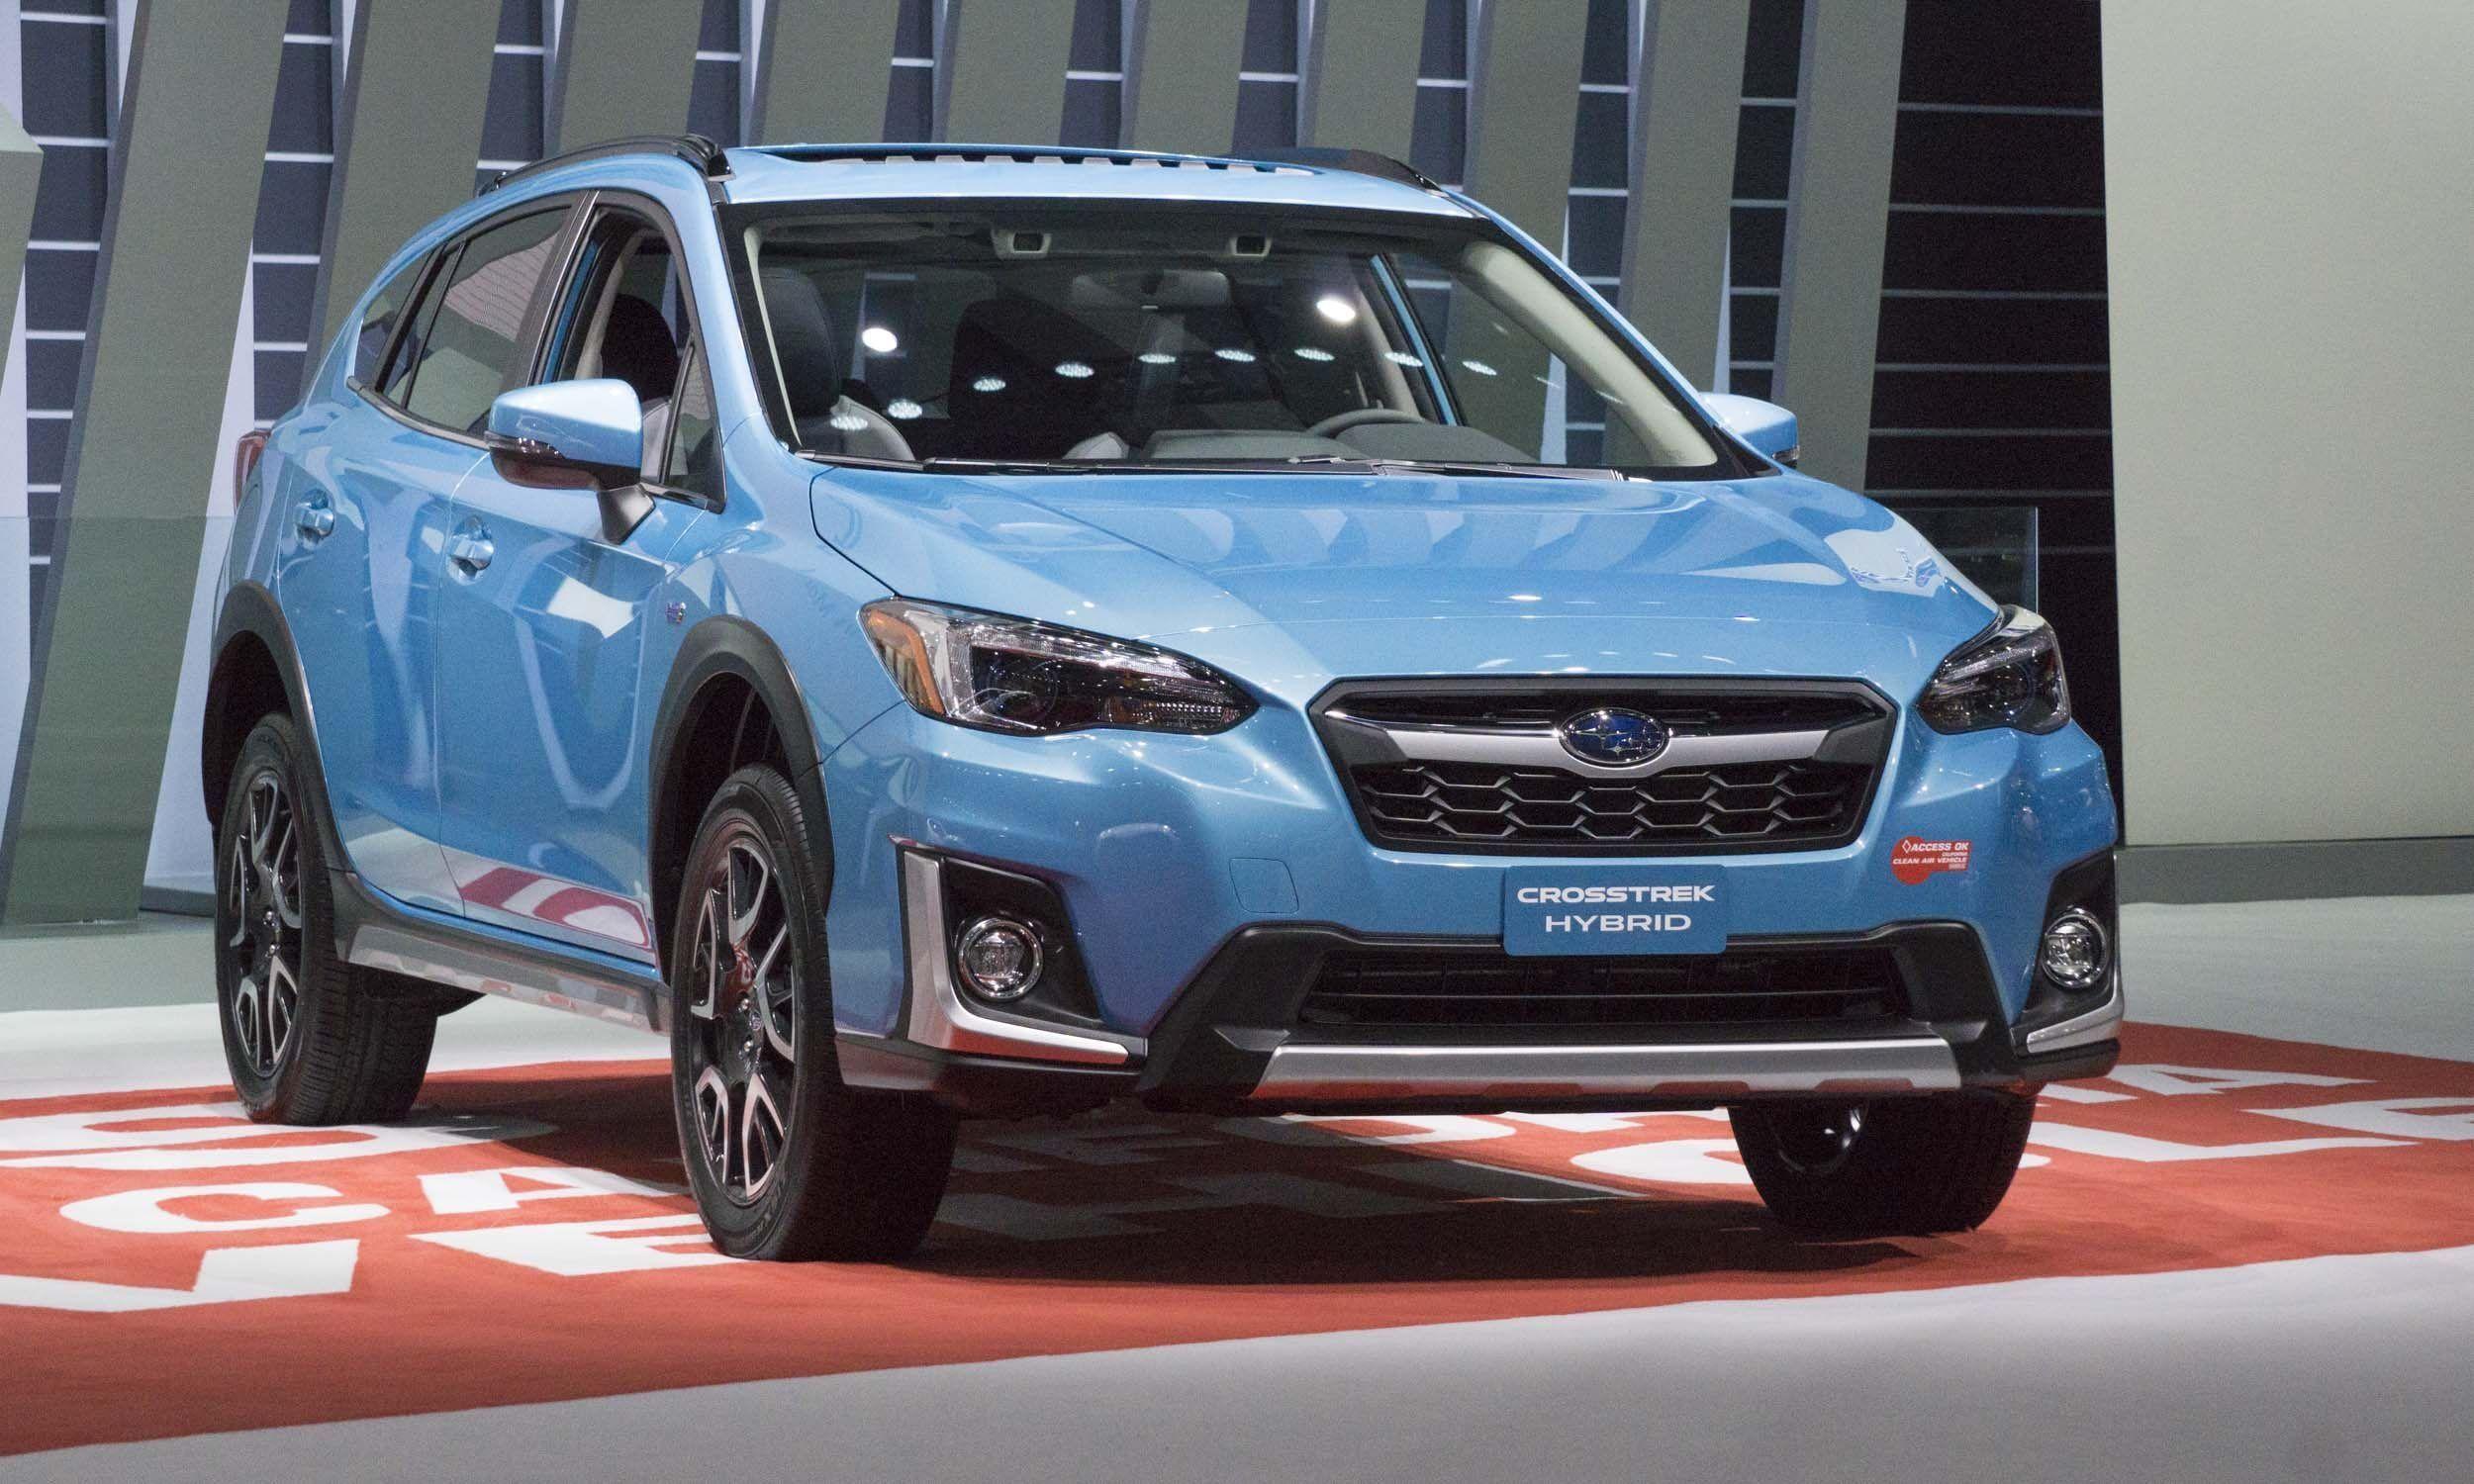 2021 Subaru Crosstrek Configurations In 2020 Subaru Crosstrek Subaru Subaru Wrx